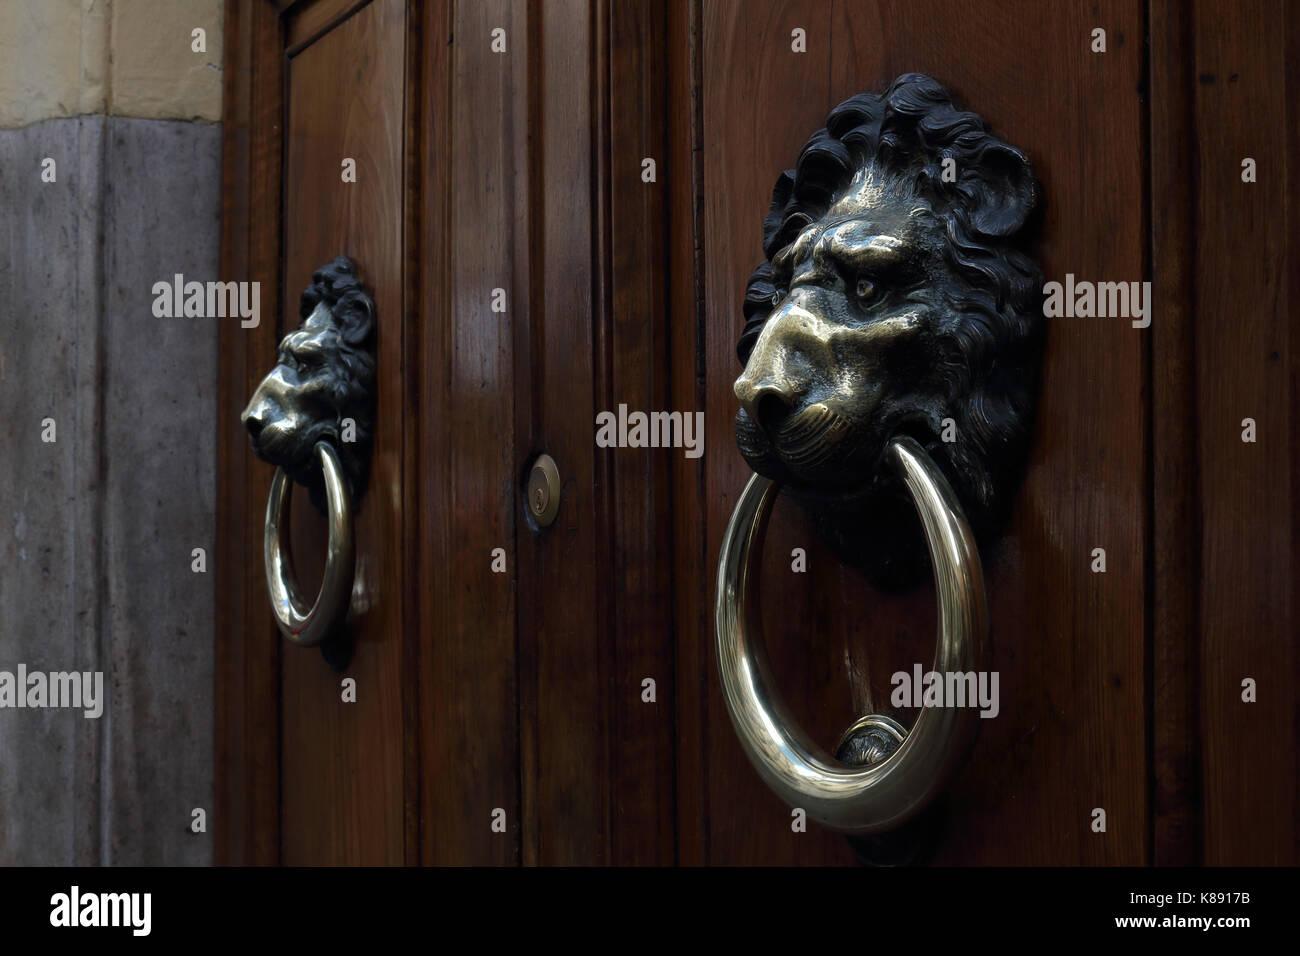 Lion's head door knockers, wooden door in marble frame. Shallow focus. Rome, Italy. - Stock Image